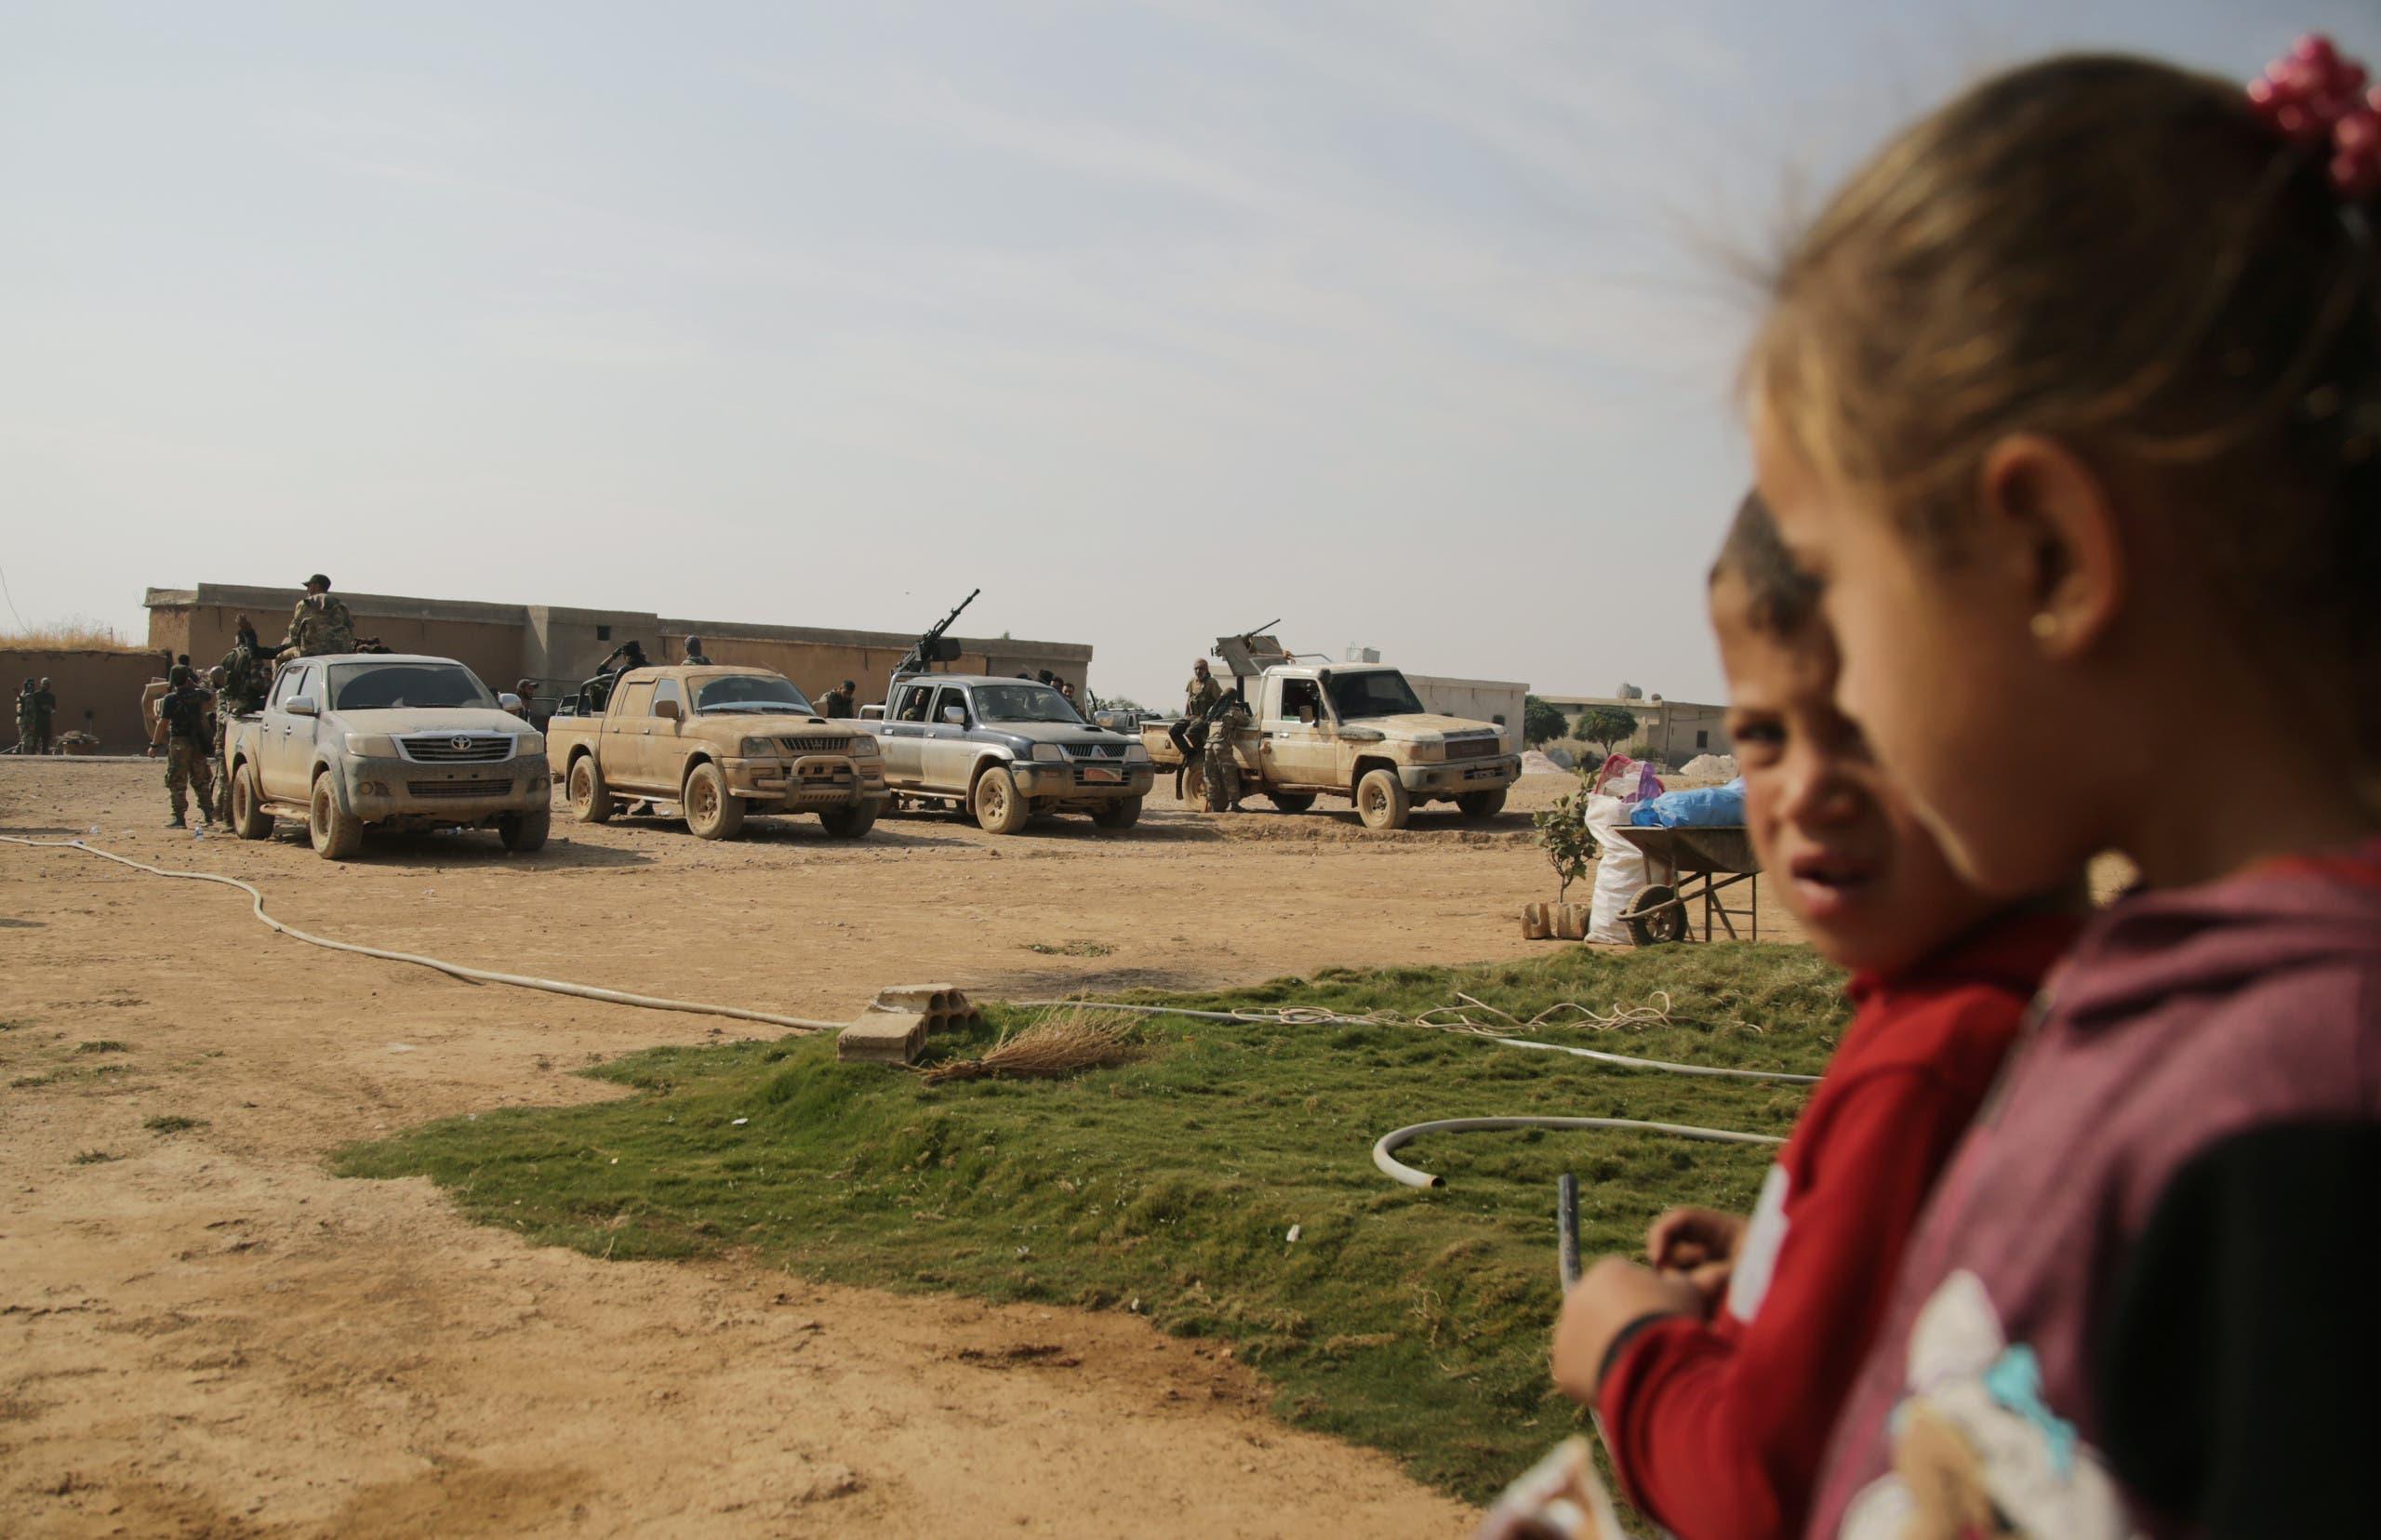 أطفال في تل أبيض أمام آليات عسكرية للفصائل الموالية  لتركيا (فرانس برس)